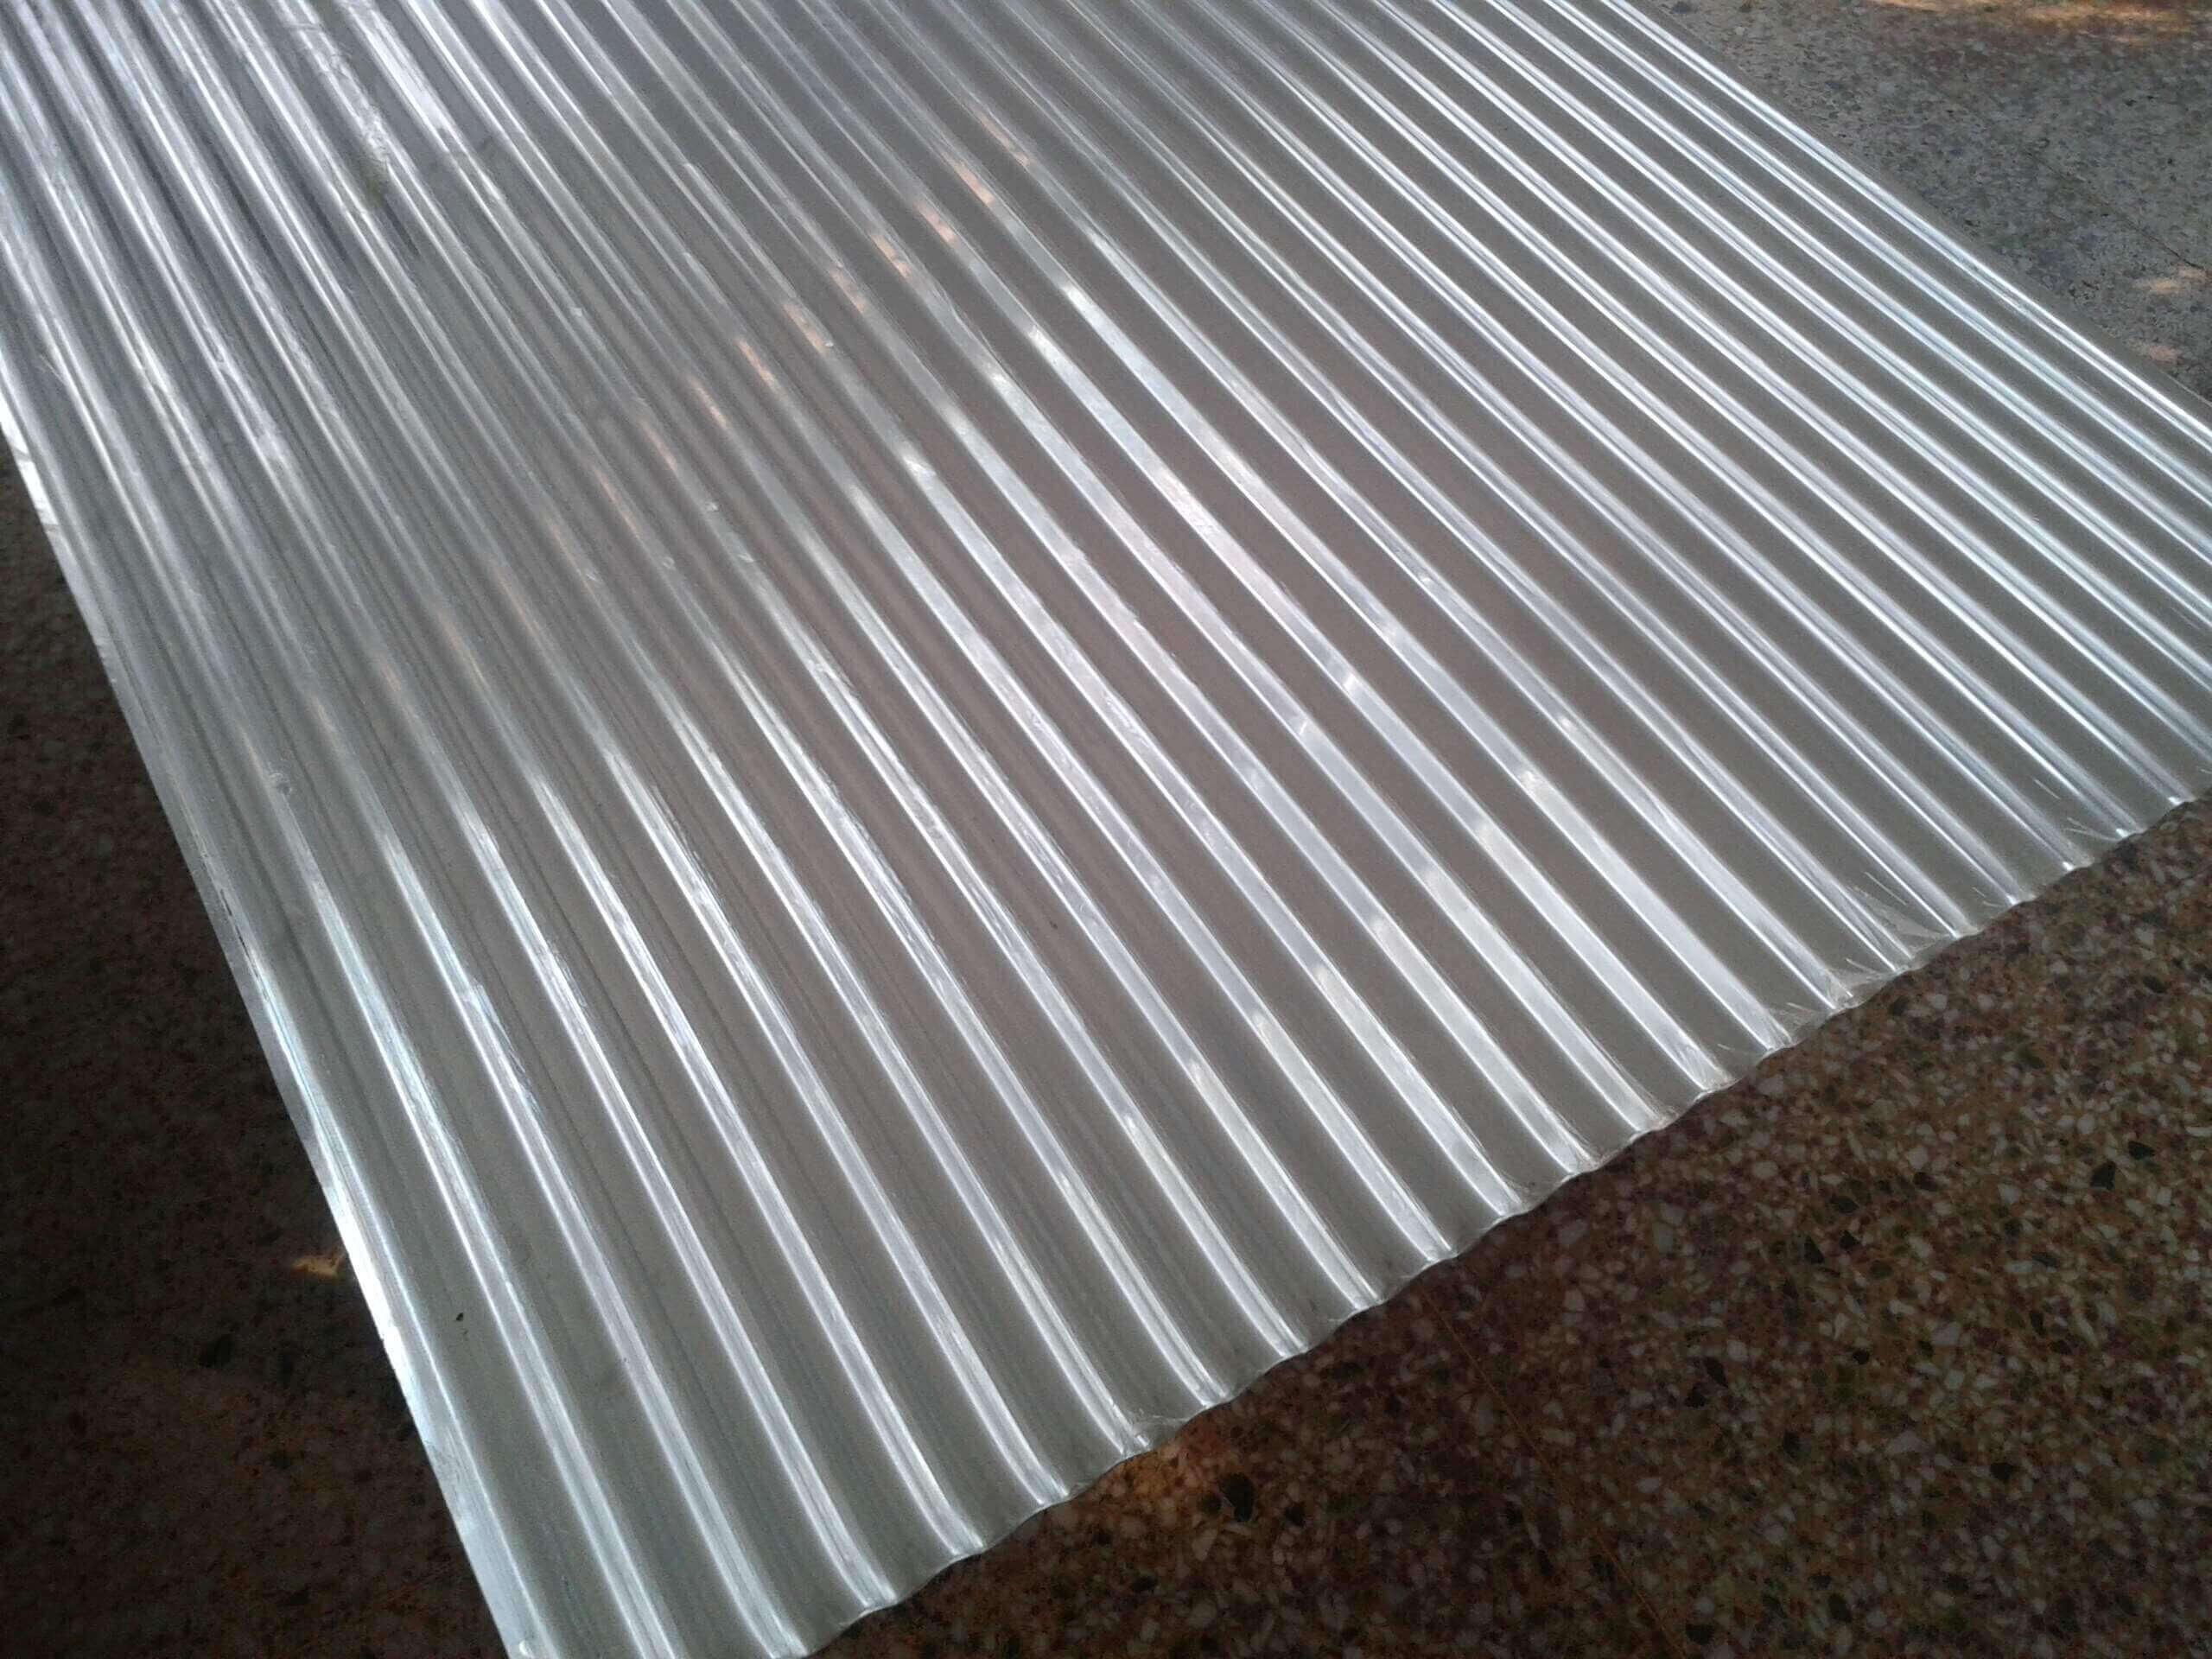 铝合金压型铝板 宽度750_780_840_850_900_1220毫米.jpg